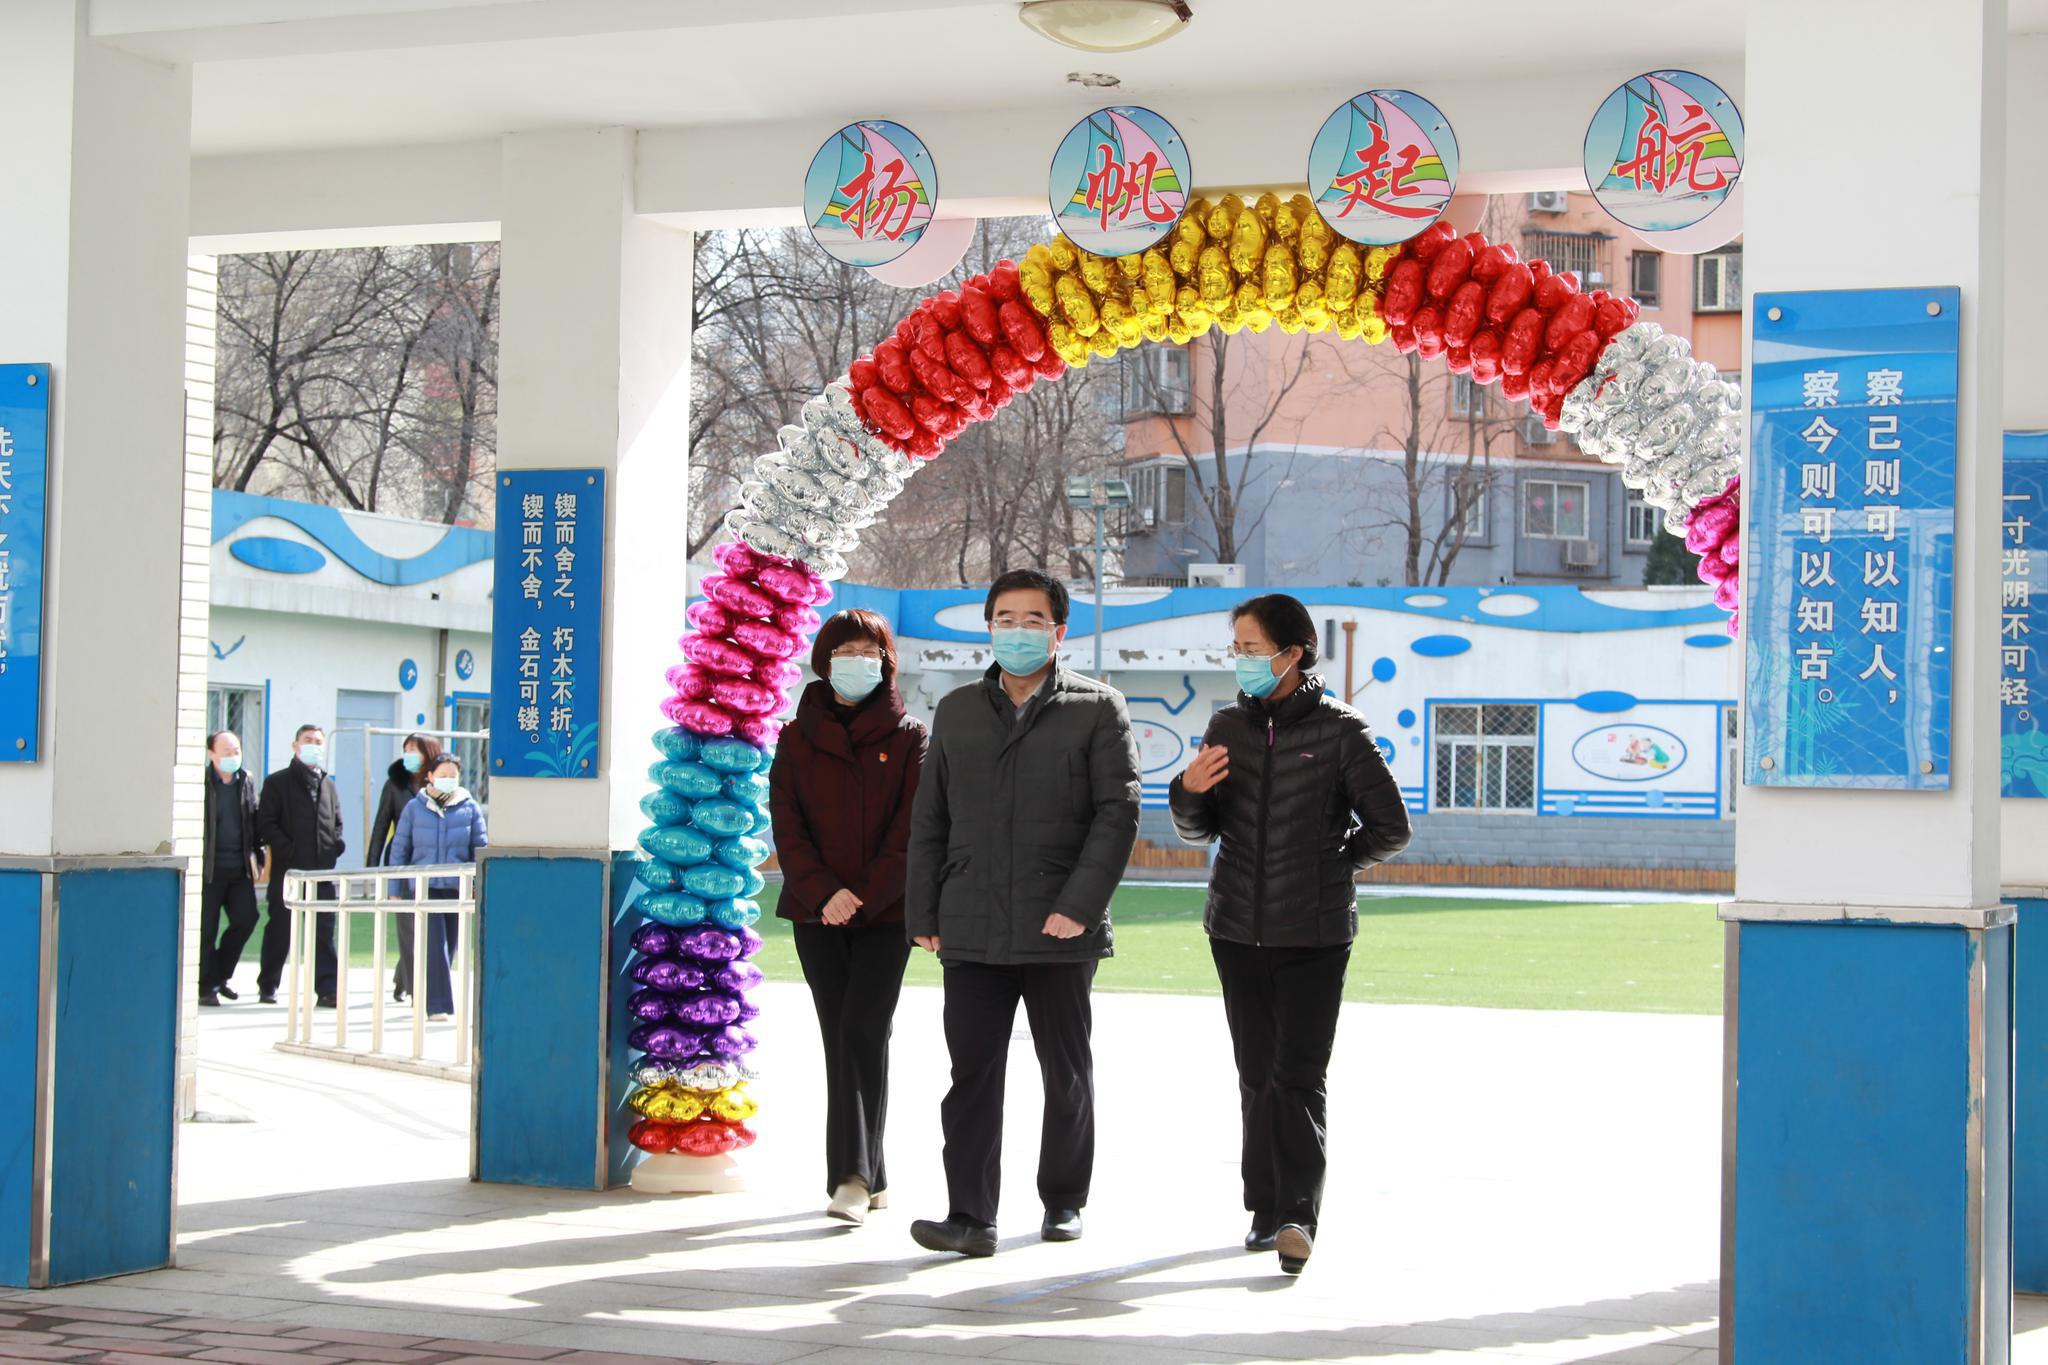 北京市委教育工委领导到丰台区芳城园小学调研